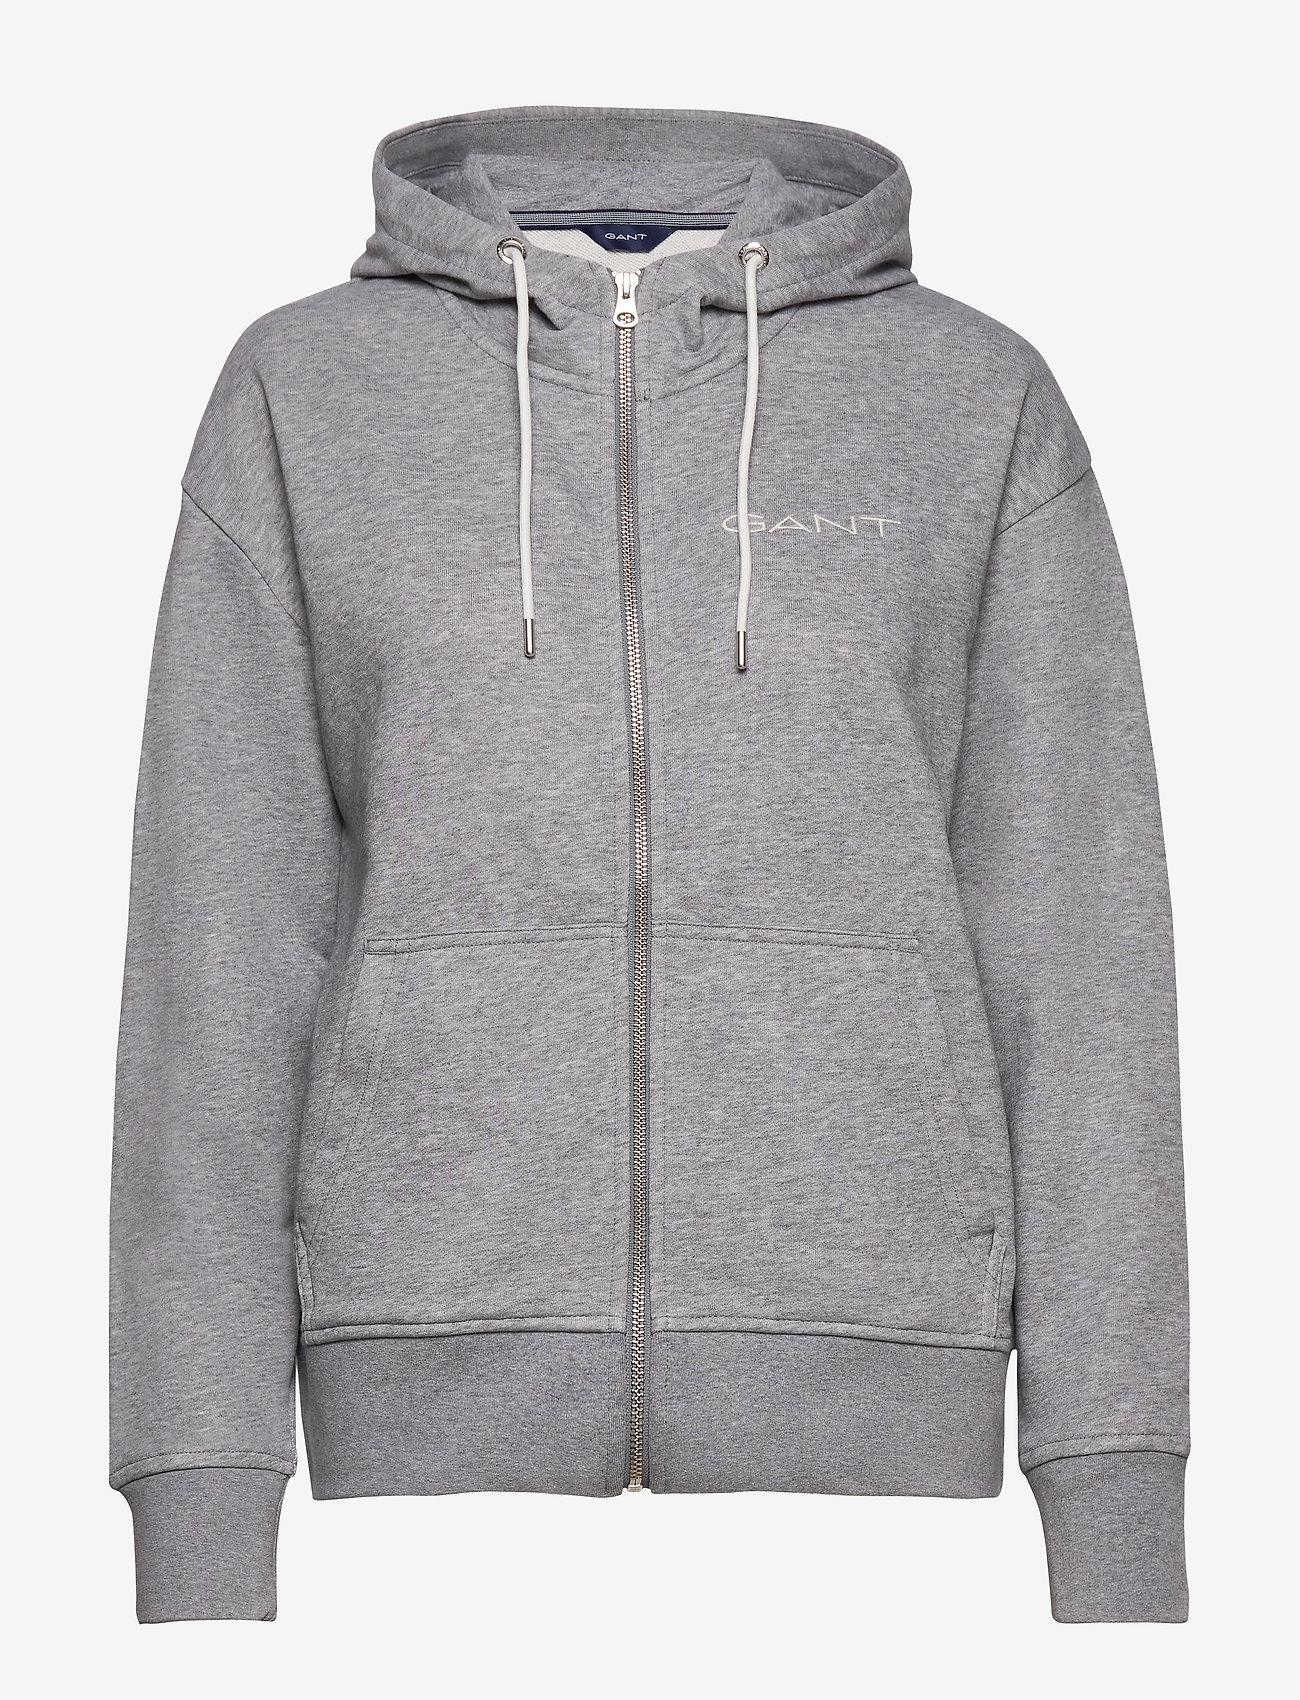 GANT - D1. 13 STRIPES FULL ZIP HOODIE - hoodies - grey melange - 0